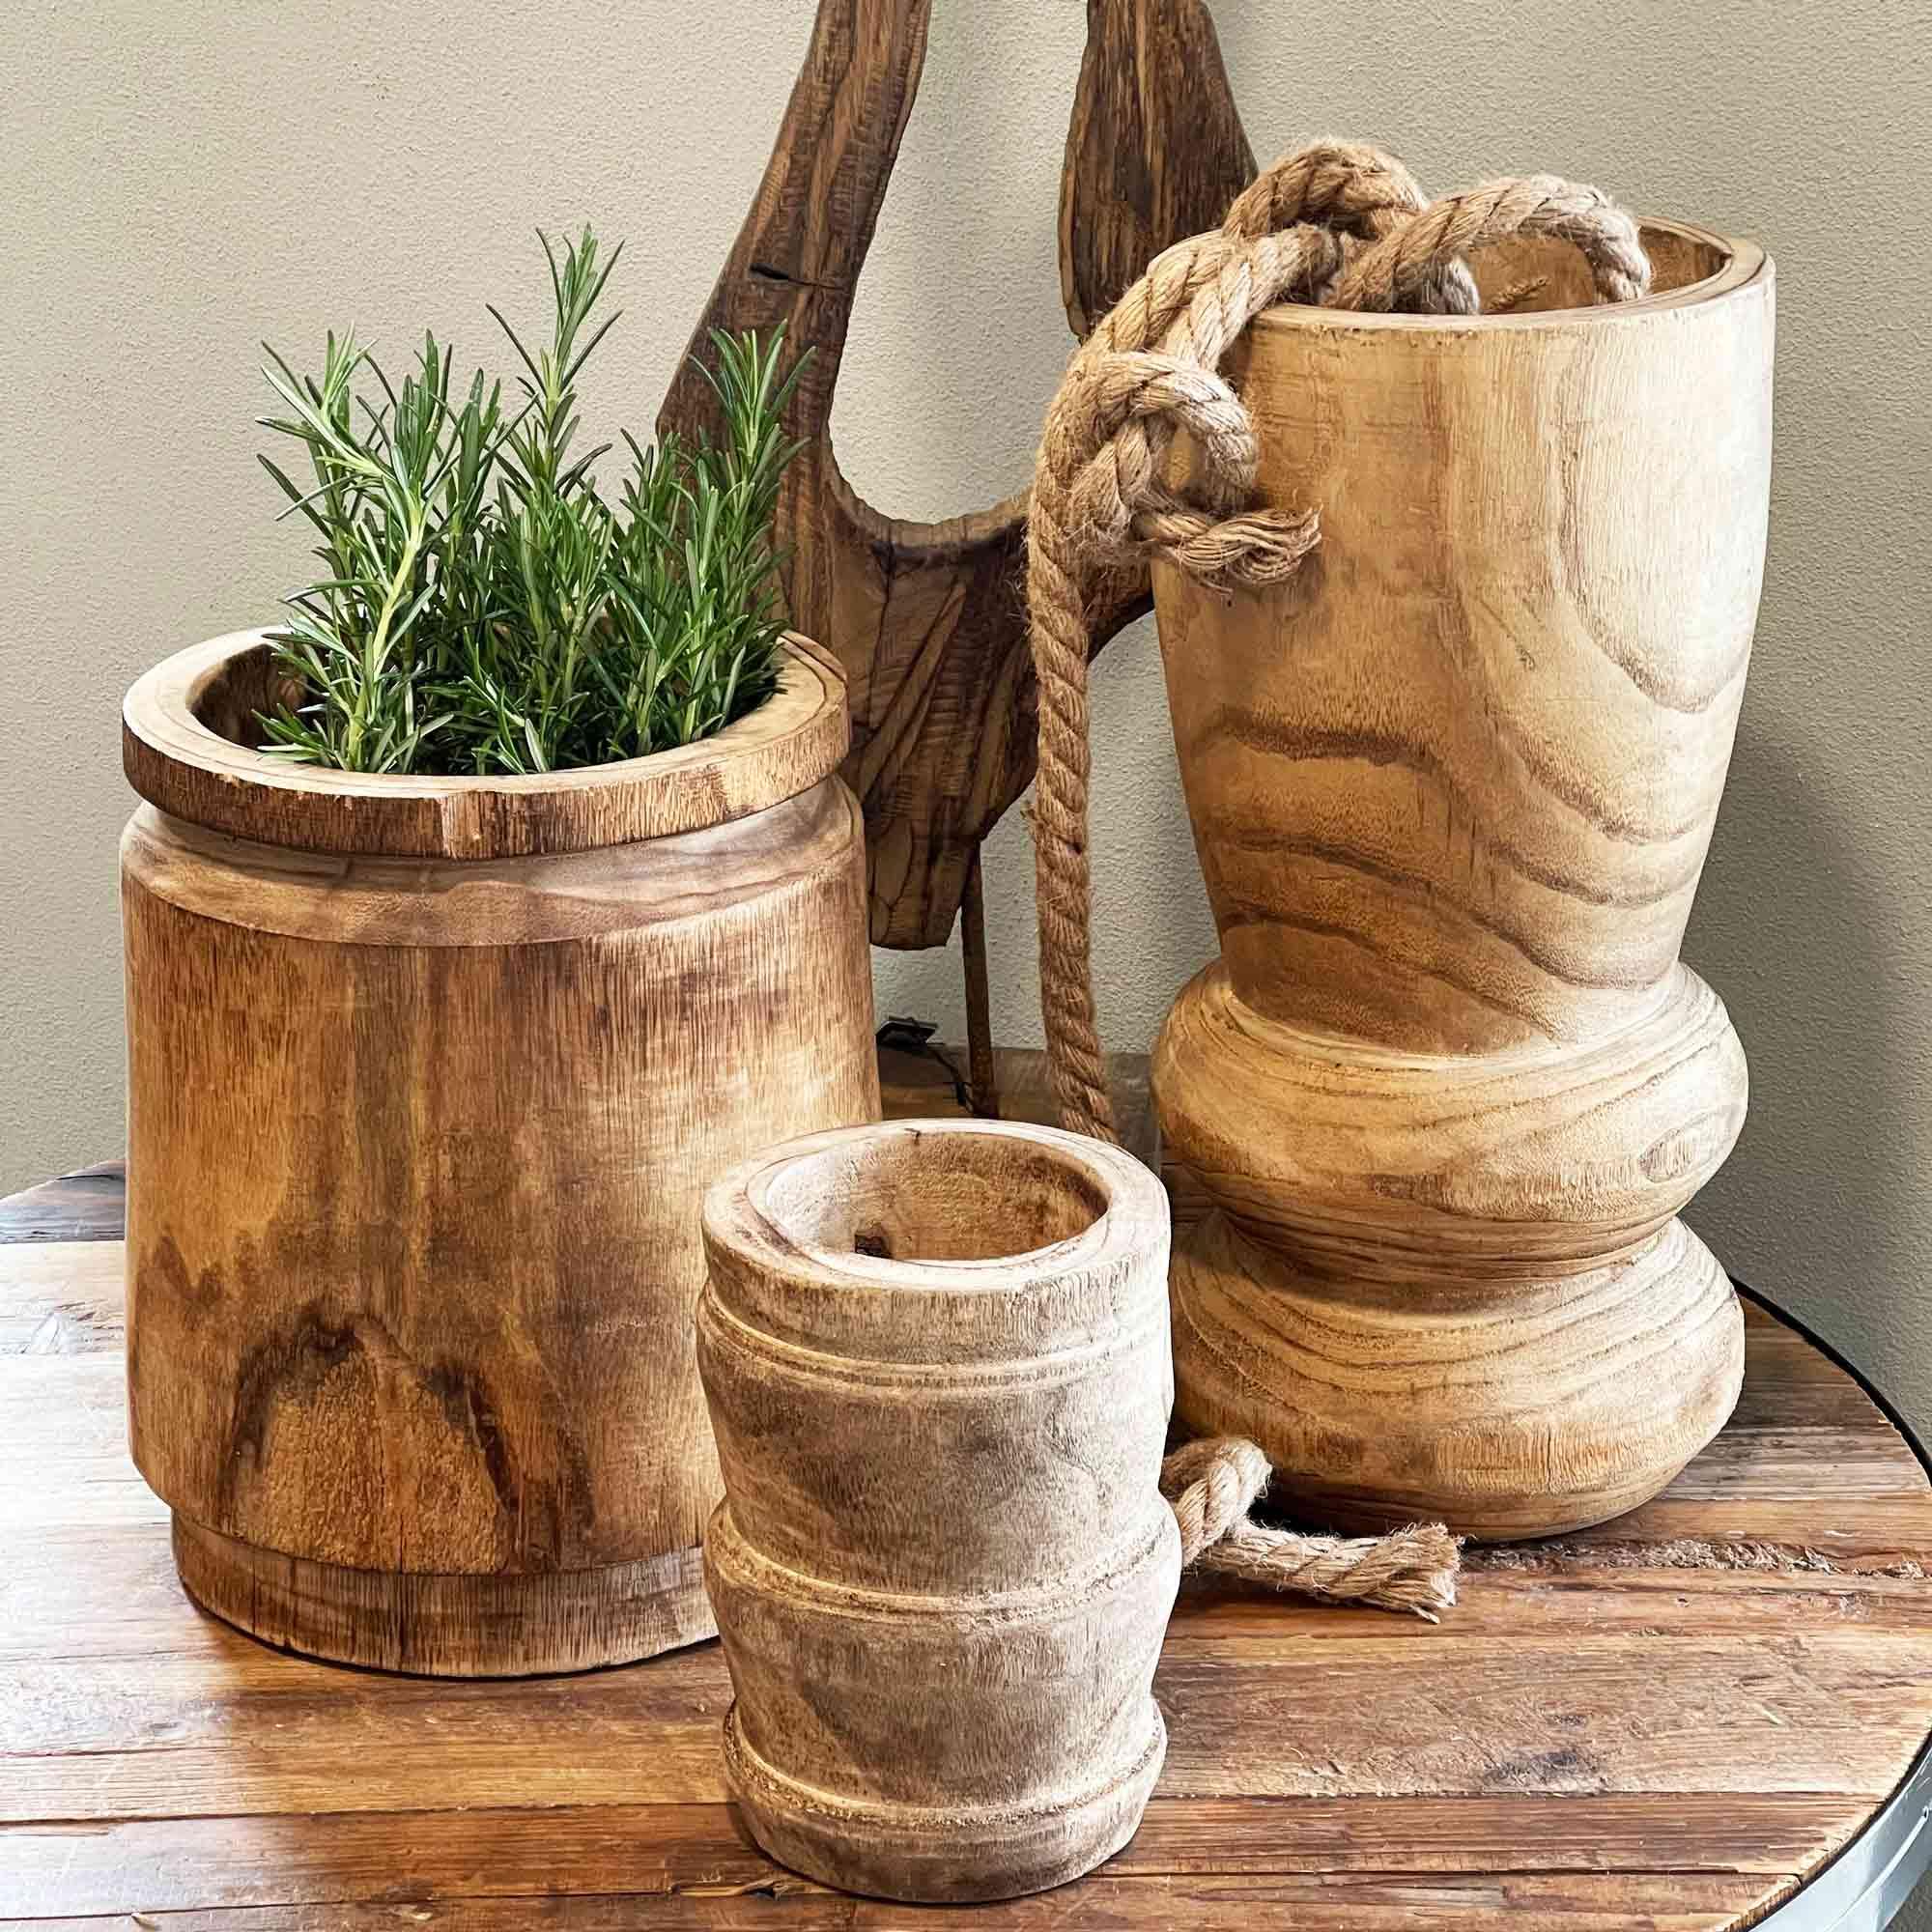 Vasen aus Holz vor grauer Wand